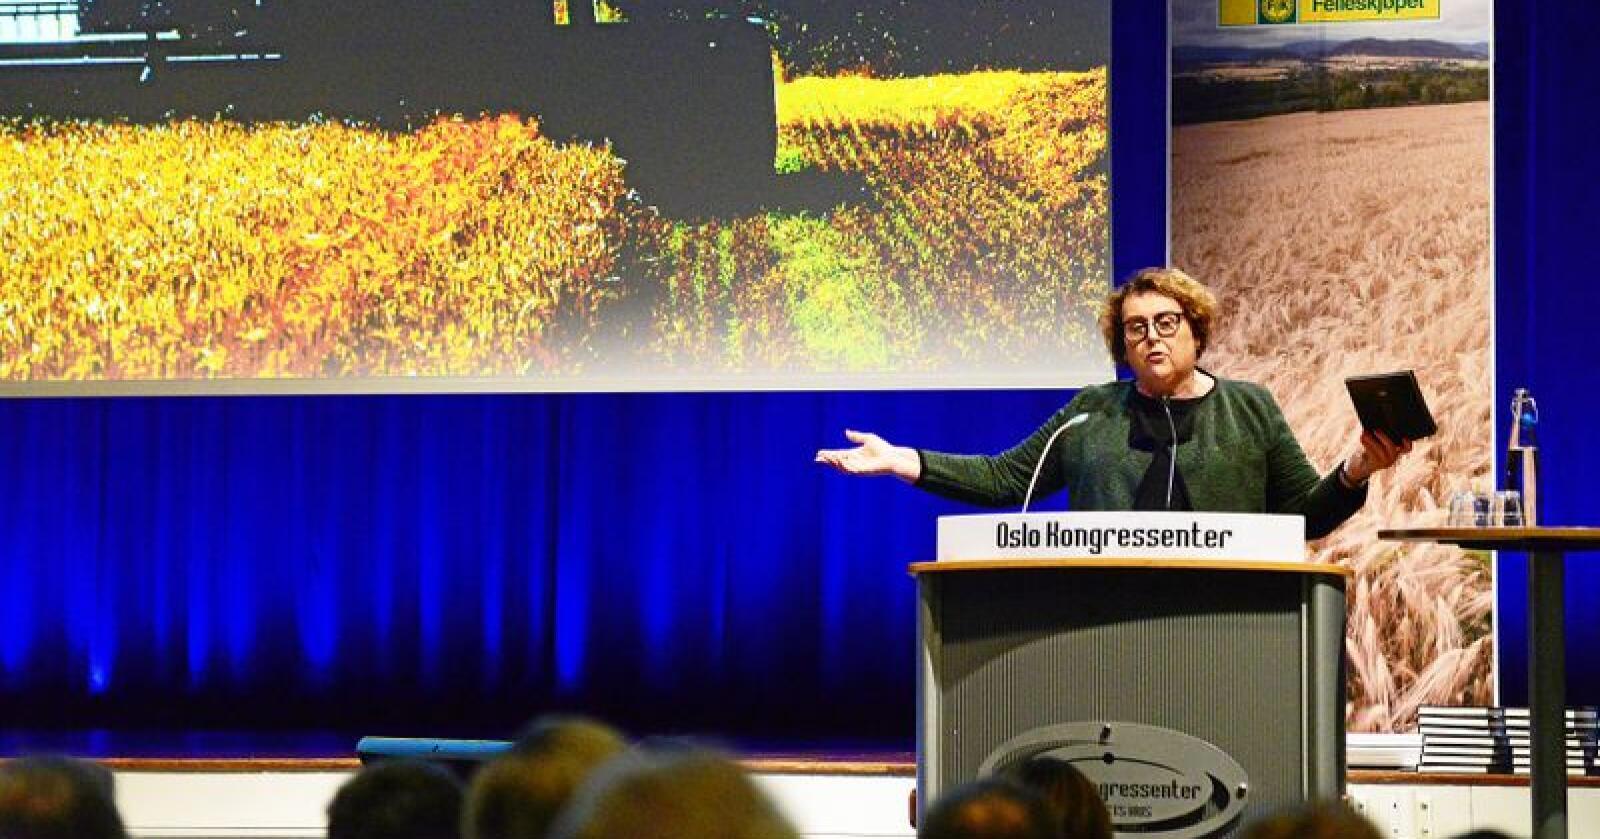 Sjølvforsyning: Landbruks- og matminister Olaug Bollestad (KrF) tok på kornkonferansen til orde for at det norske matforbruket så langt som mogleg må produserast her i landet. Foto: Siri Juell Rasmussen